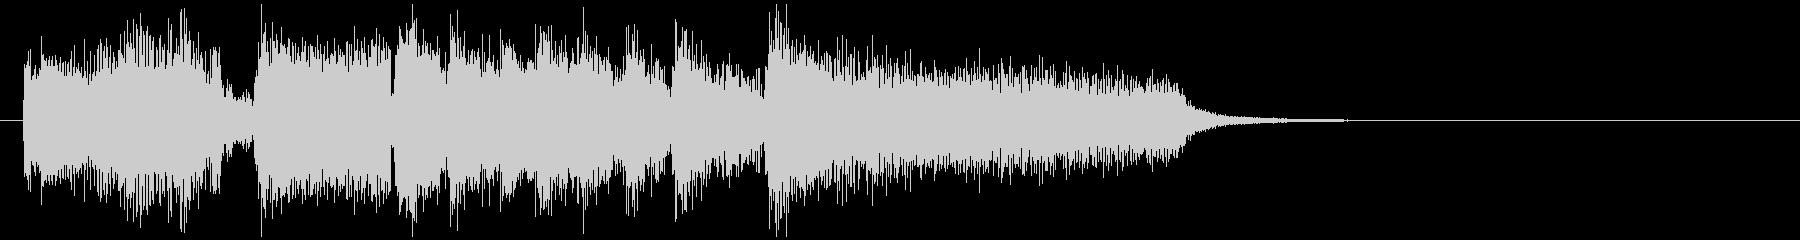 バリトンサックスのボサノバ系サウンドロゴの未再生の波形